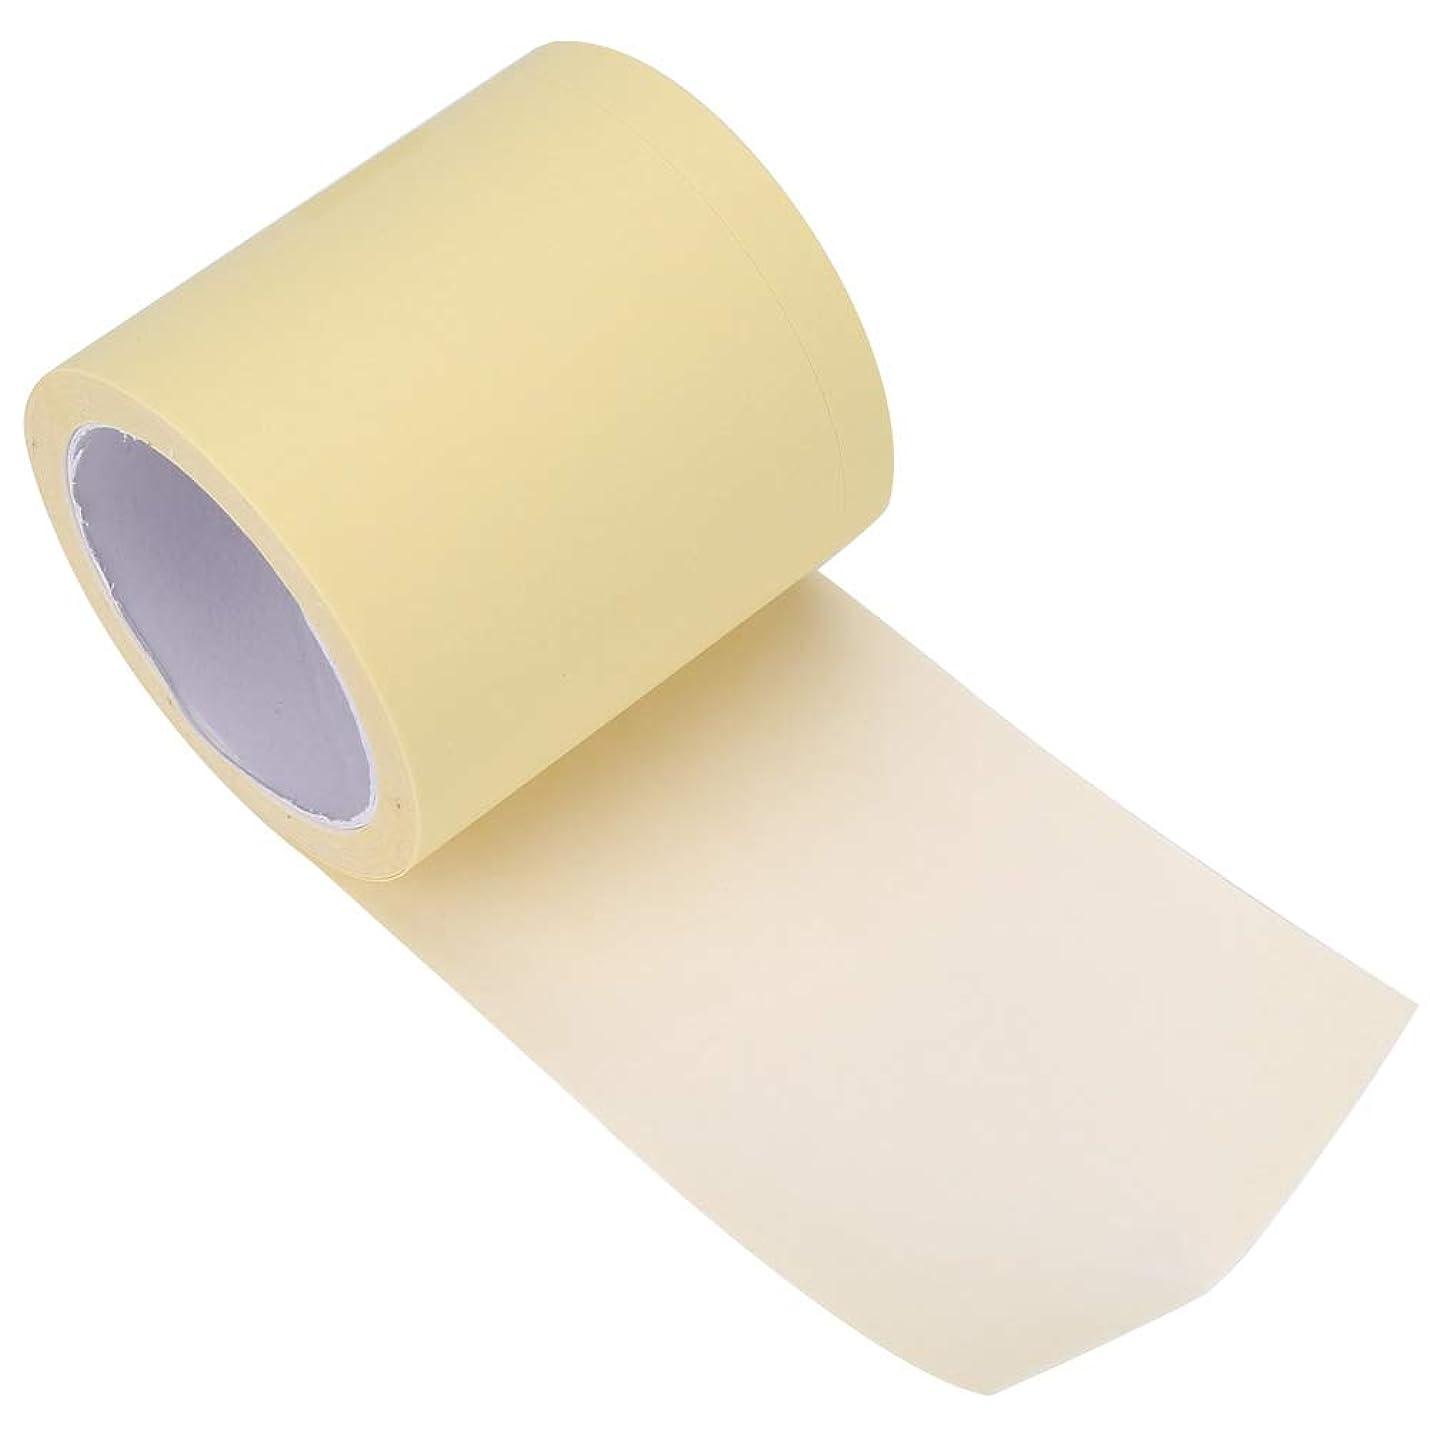 次モバイル親密なKeenso 汗止めパッド 0.012 mm 脇下制汗パッド 使い捨て 透明&抗菌加工 皮膚に優しい 超薄型 脇の汗染み防止